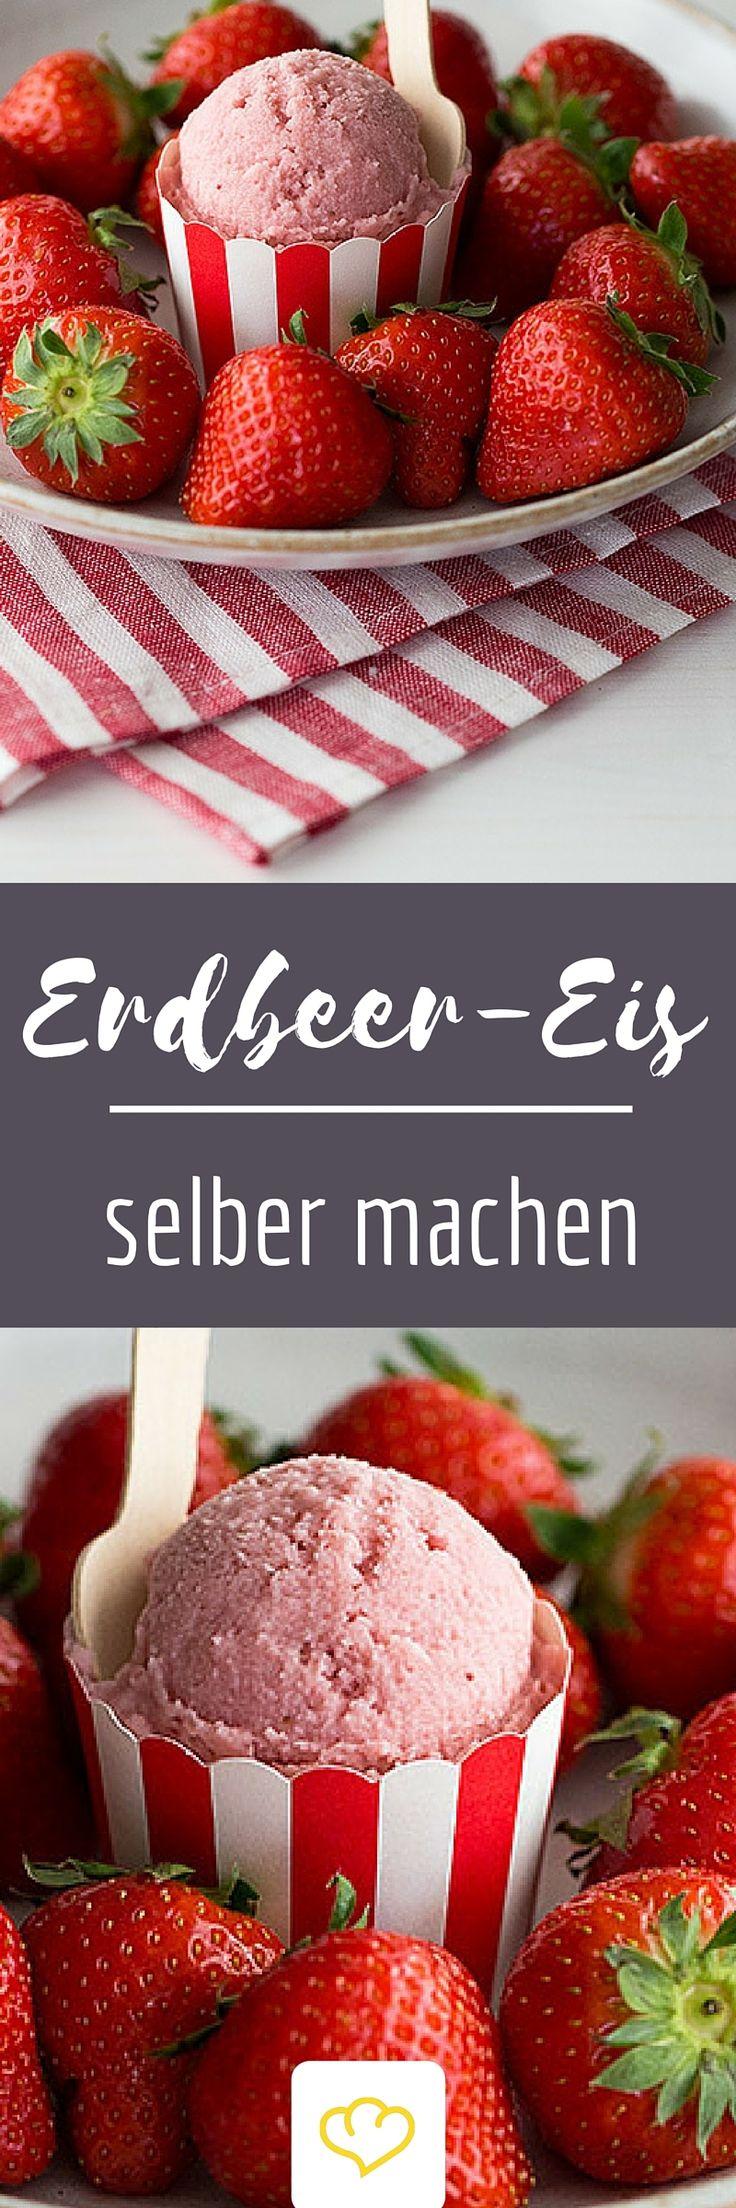 Genieße den Klassiker - mit diesem einfachen Rezept für köstliches Erdbeereis. Oder nutze es als Grundlage für deine eigenen Erdbeer-Eis-Variationen.